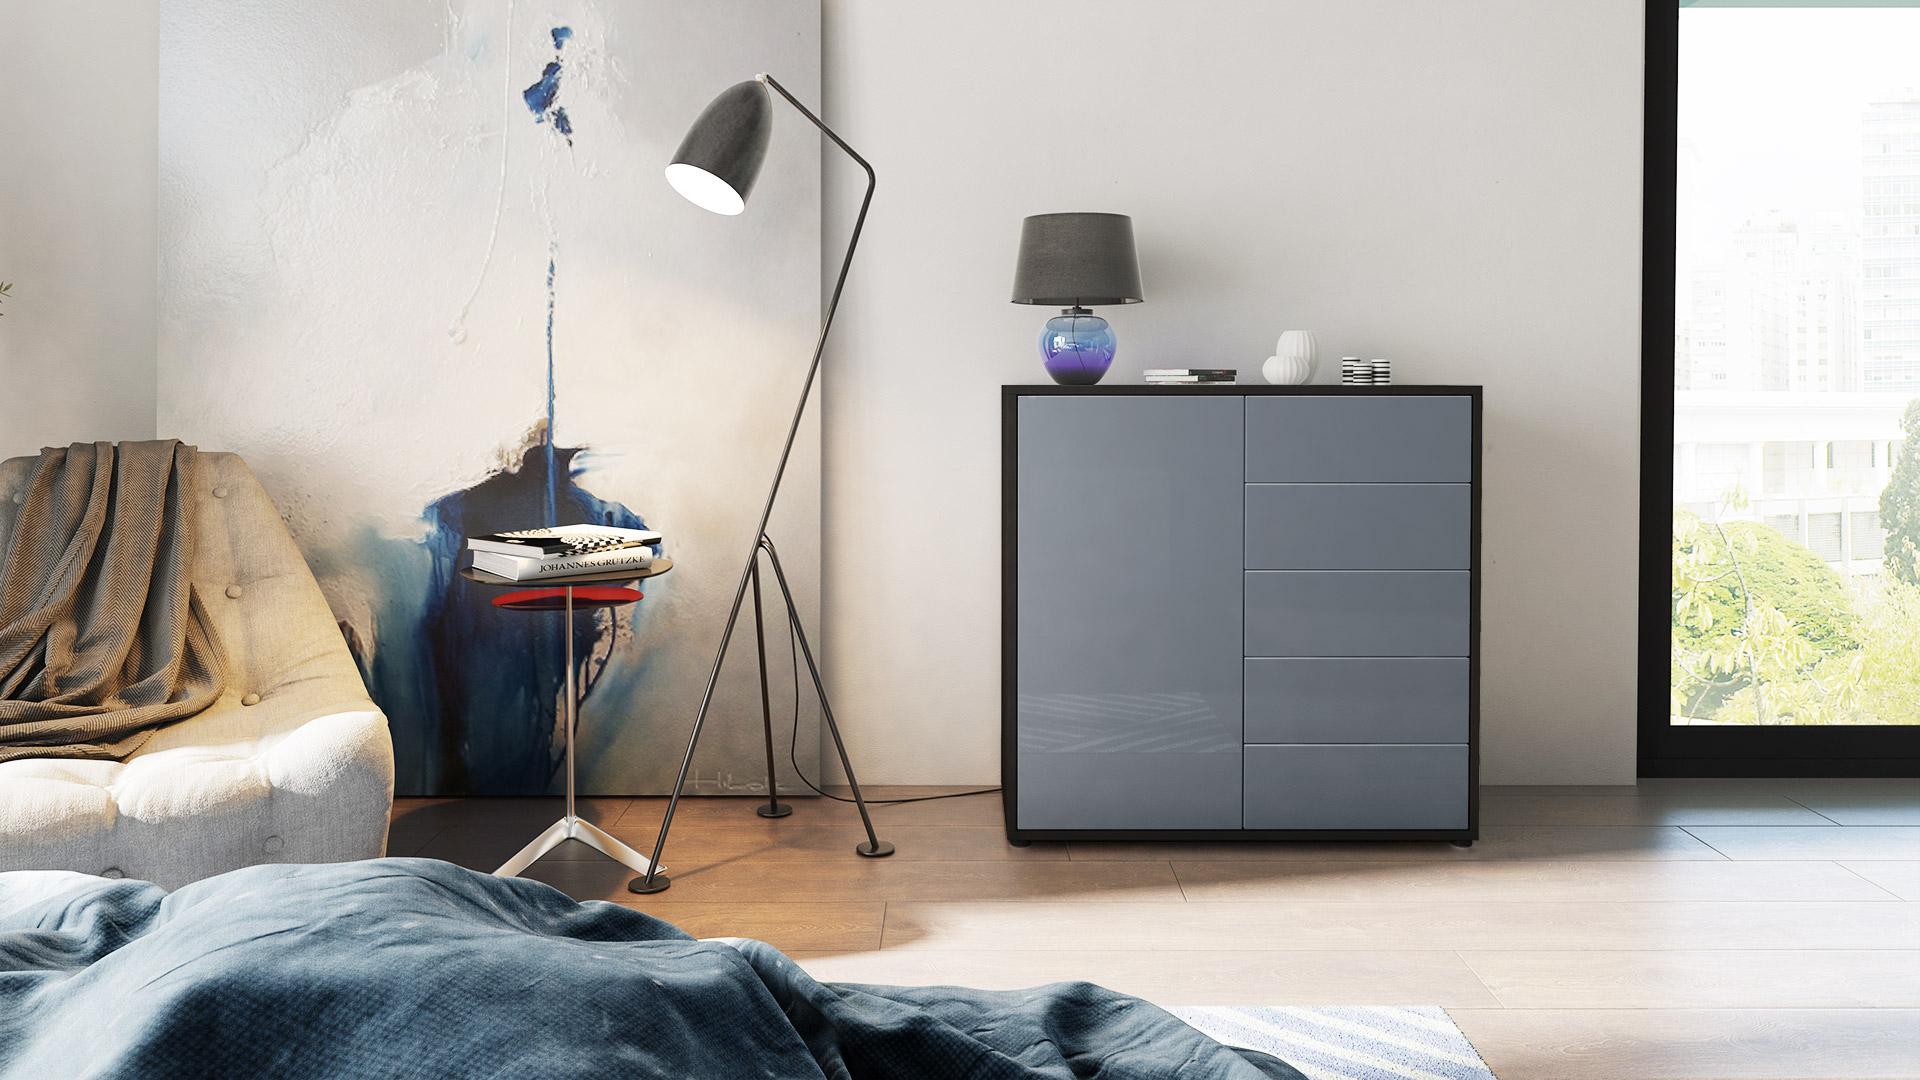 benv2-kommode-schwarz-grau-cam02.jpg